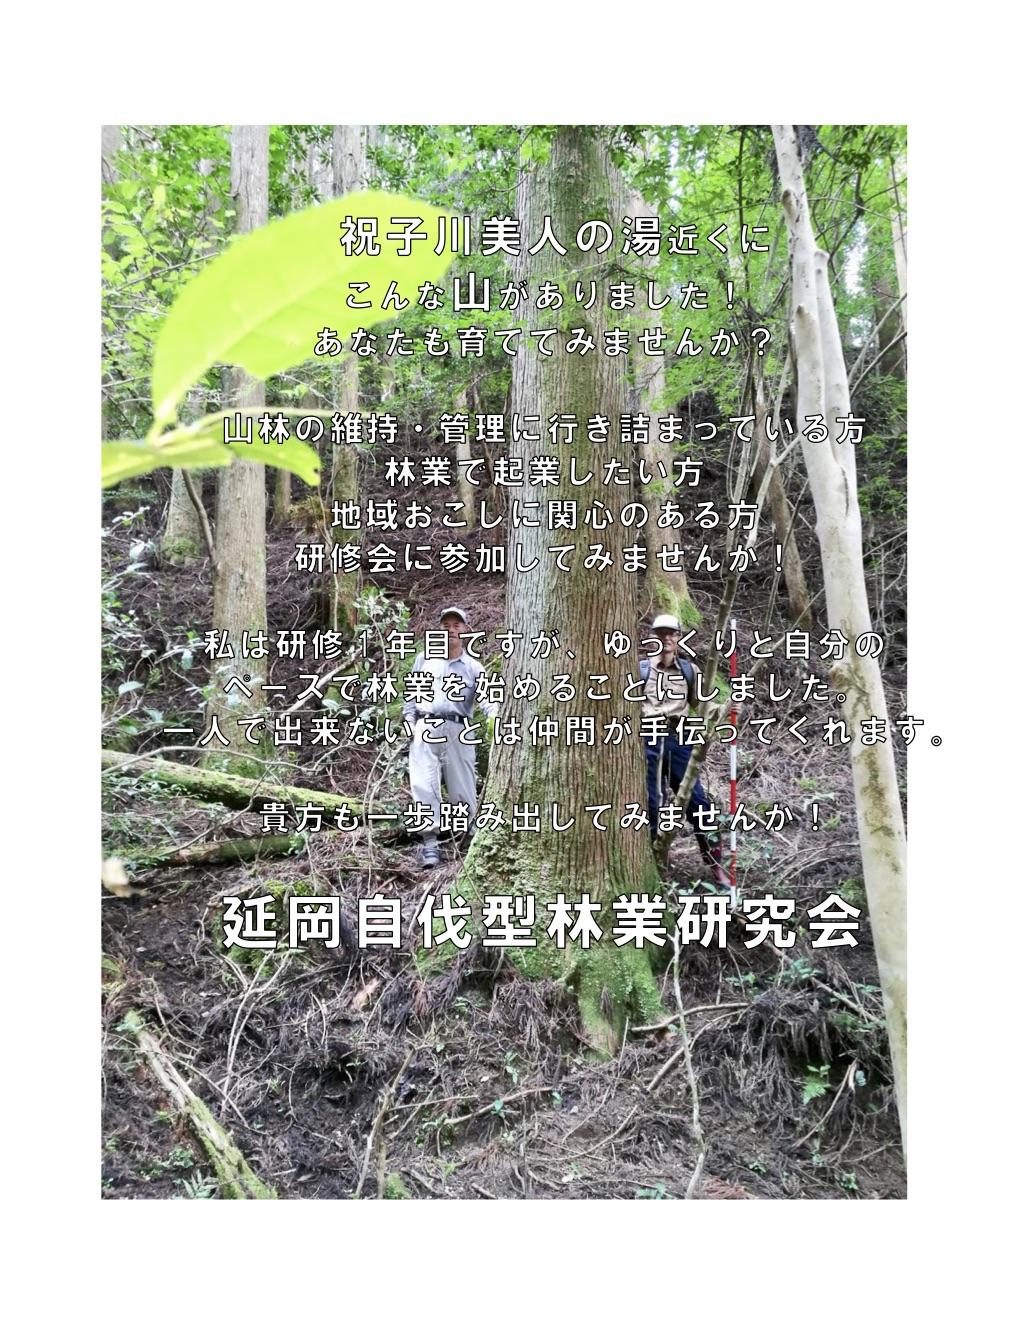 10月20日から「延岡自伐型林業研究会」の2018年研修が開催されます。